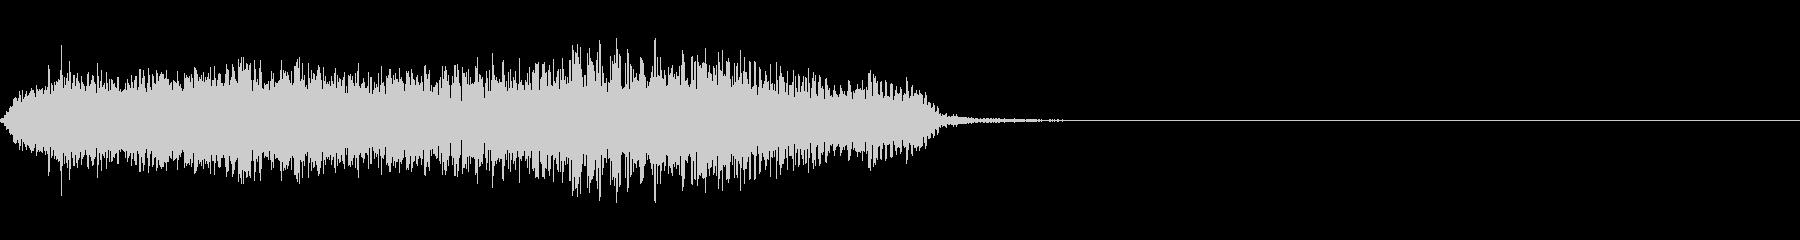 モンスターのうめき声の未再生の波形